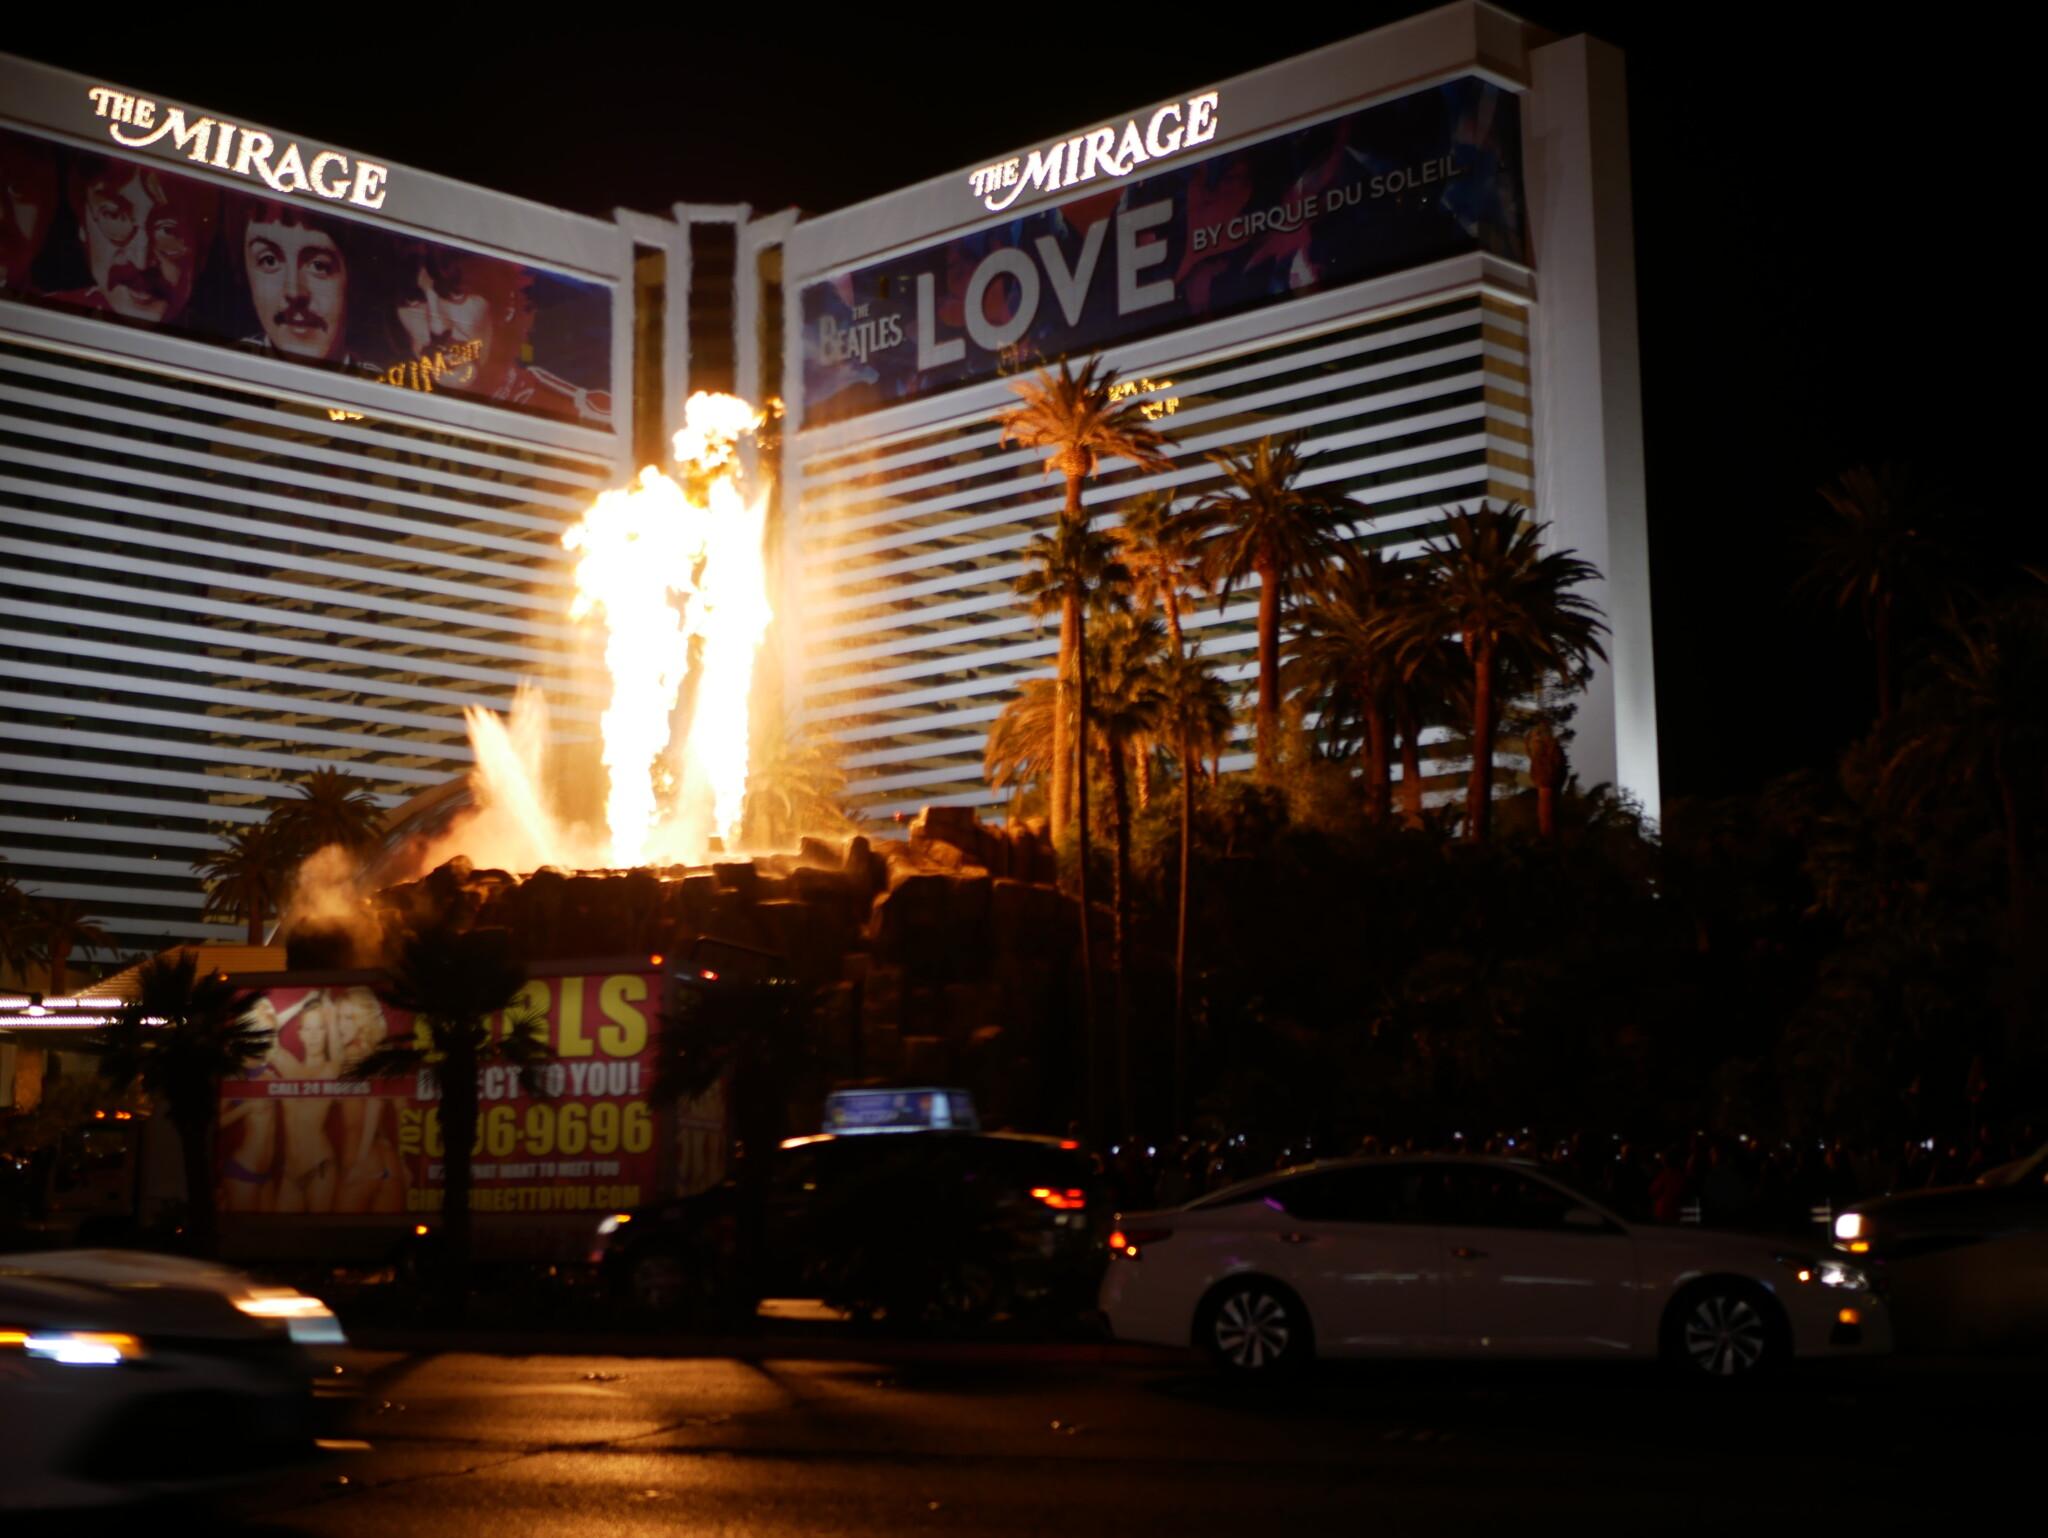 Feuershow am Mirage Casino